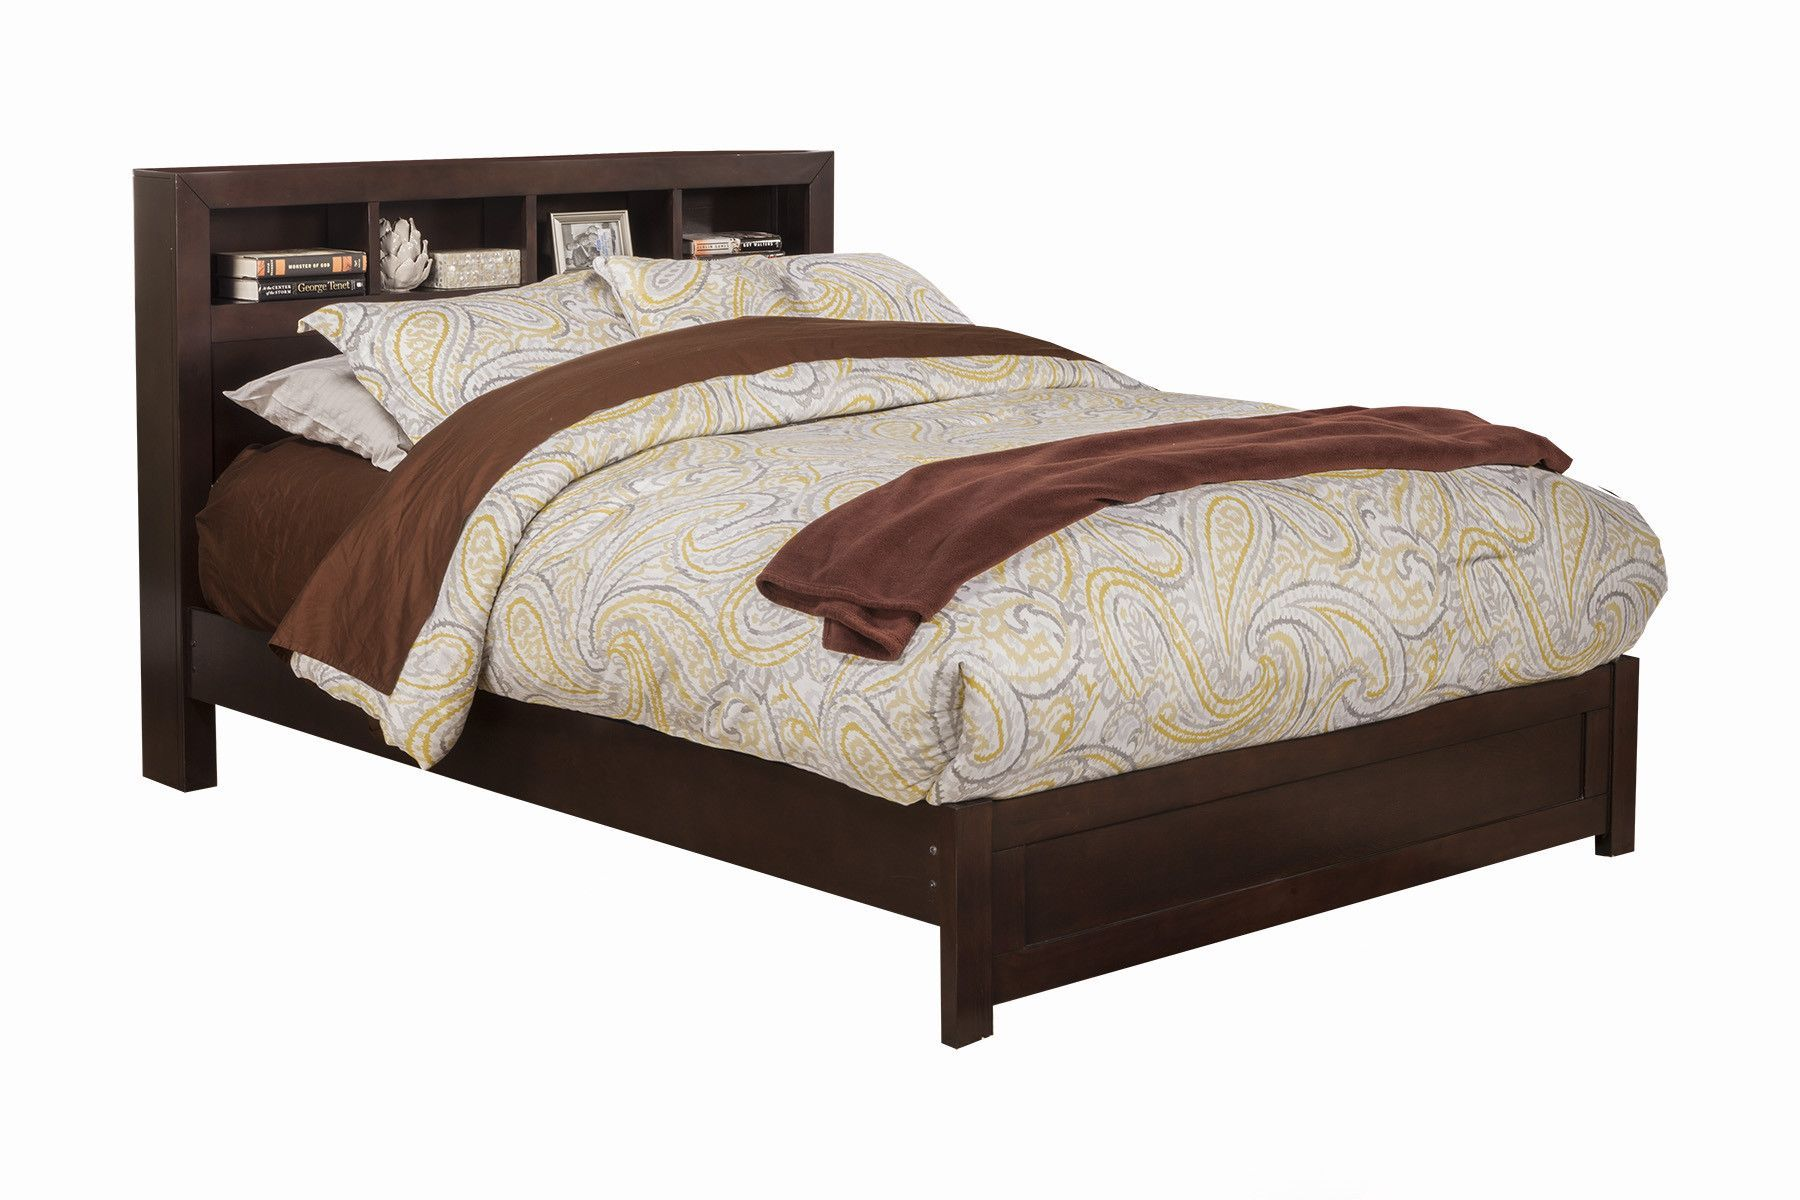 Affordable Bedroom Furniture Sets Online For Sale Harvey